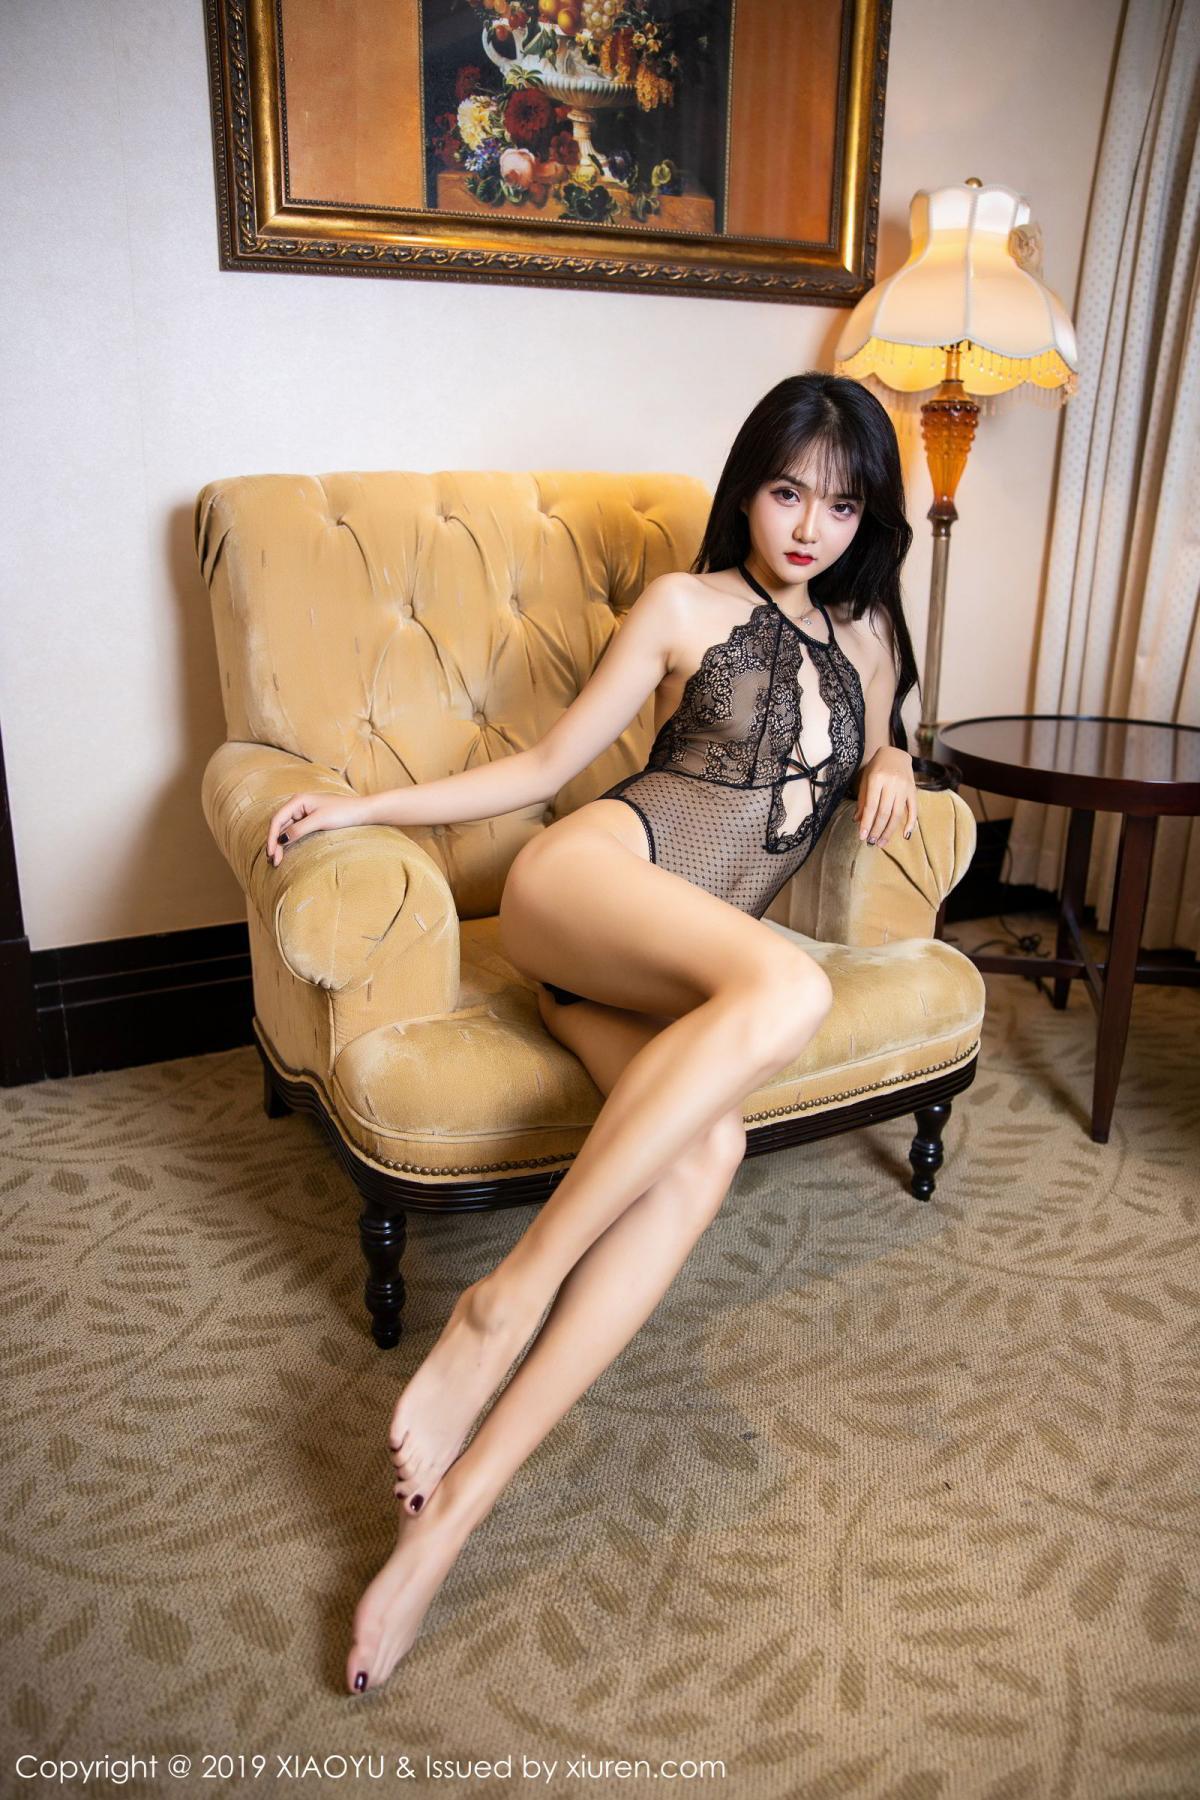 [XiaoYu] Vol.200 Miko Jiang 8P, Miko Jiang, Slim, Tall, Underwear, XiaoYu